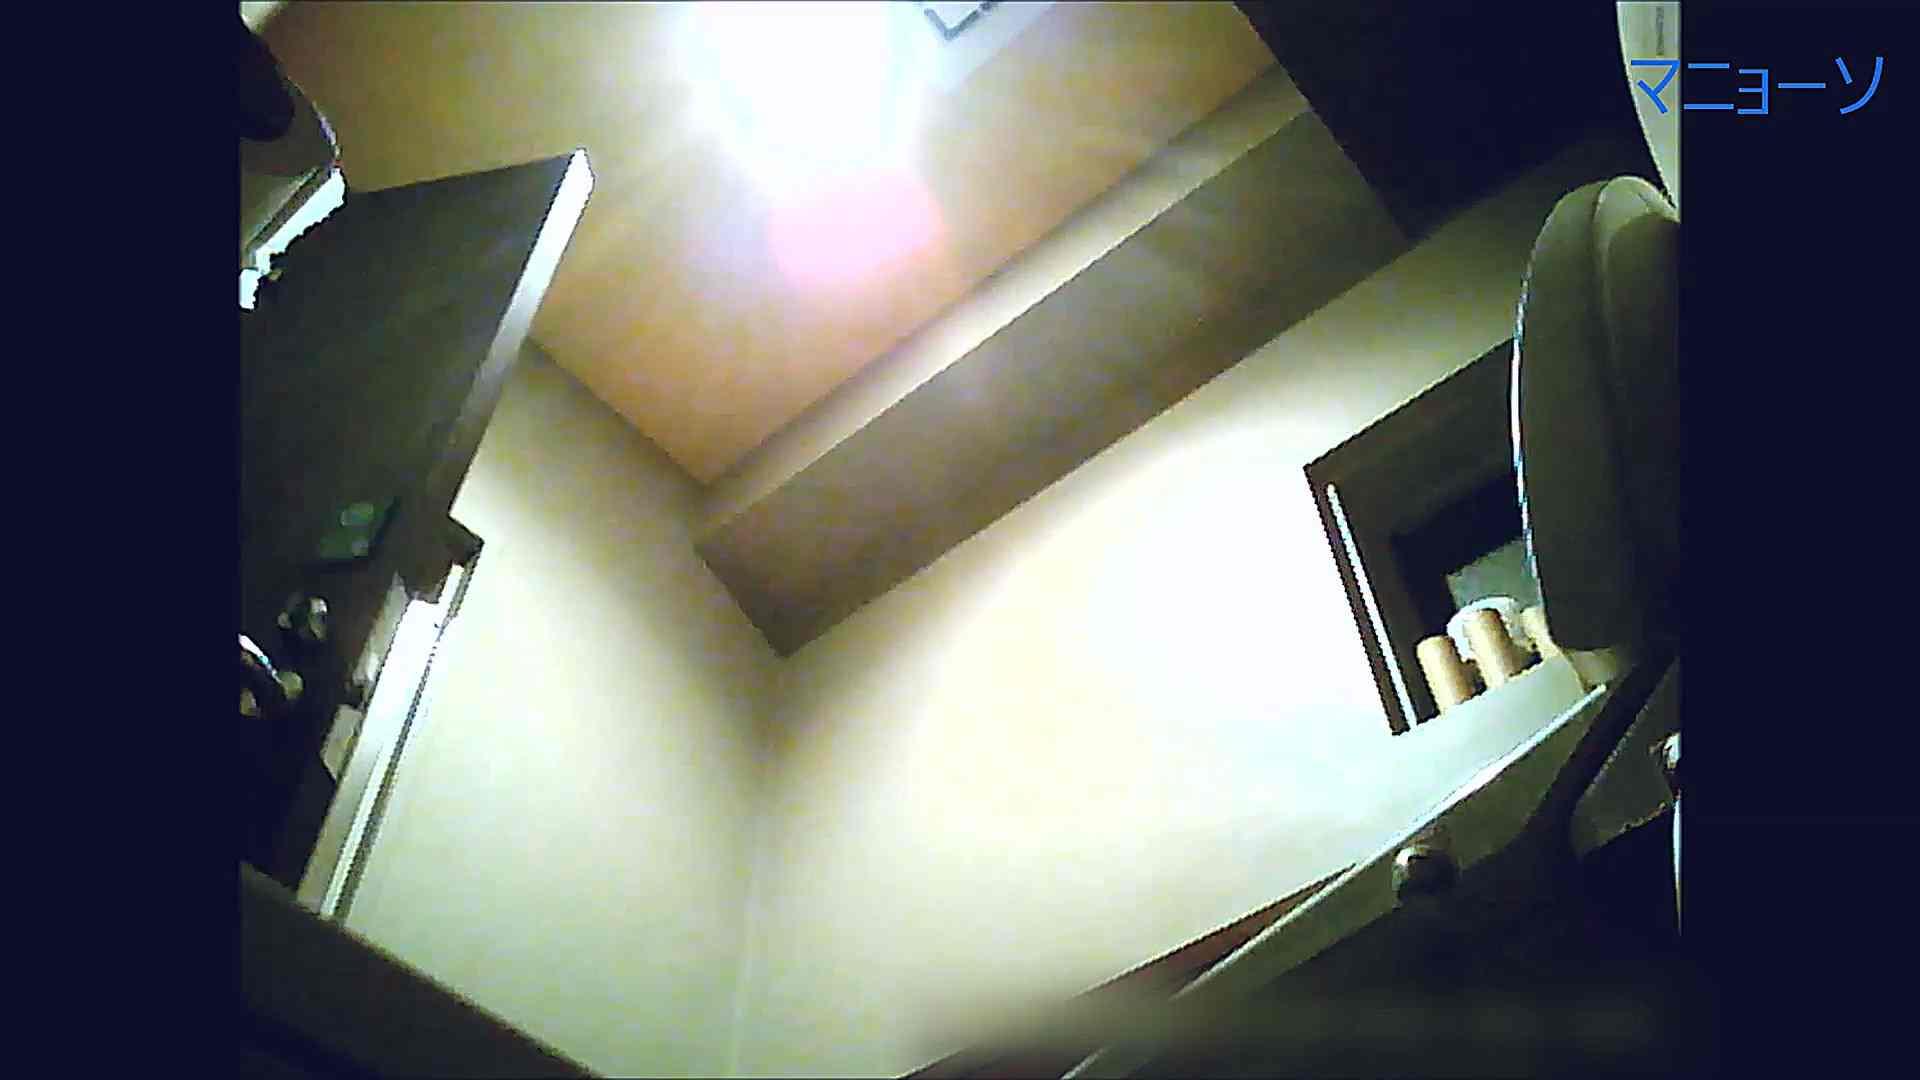 トイレでひと肌脱いでもらいました (OL編)Vol.12 盛合せ AV無料動画キャプチャ 85画像 22